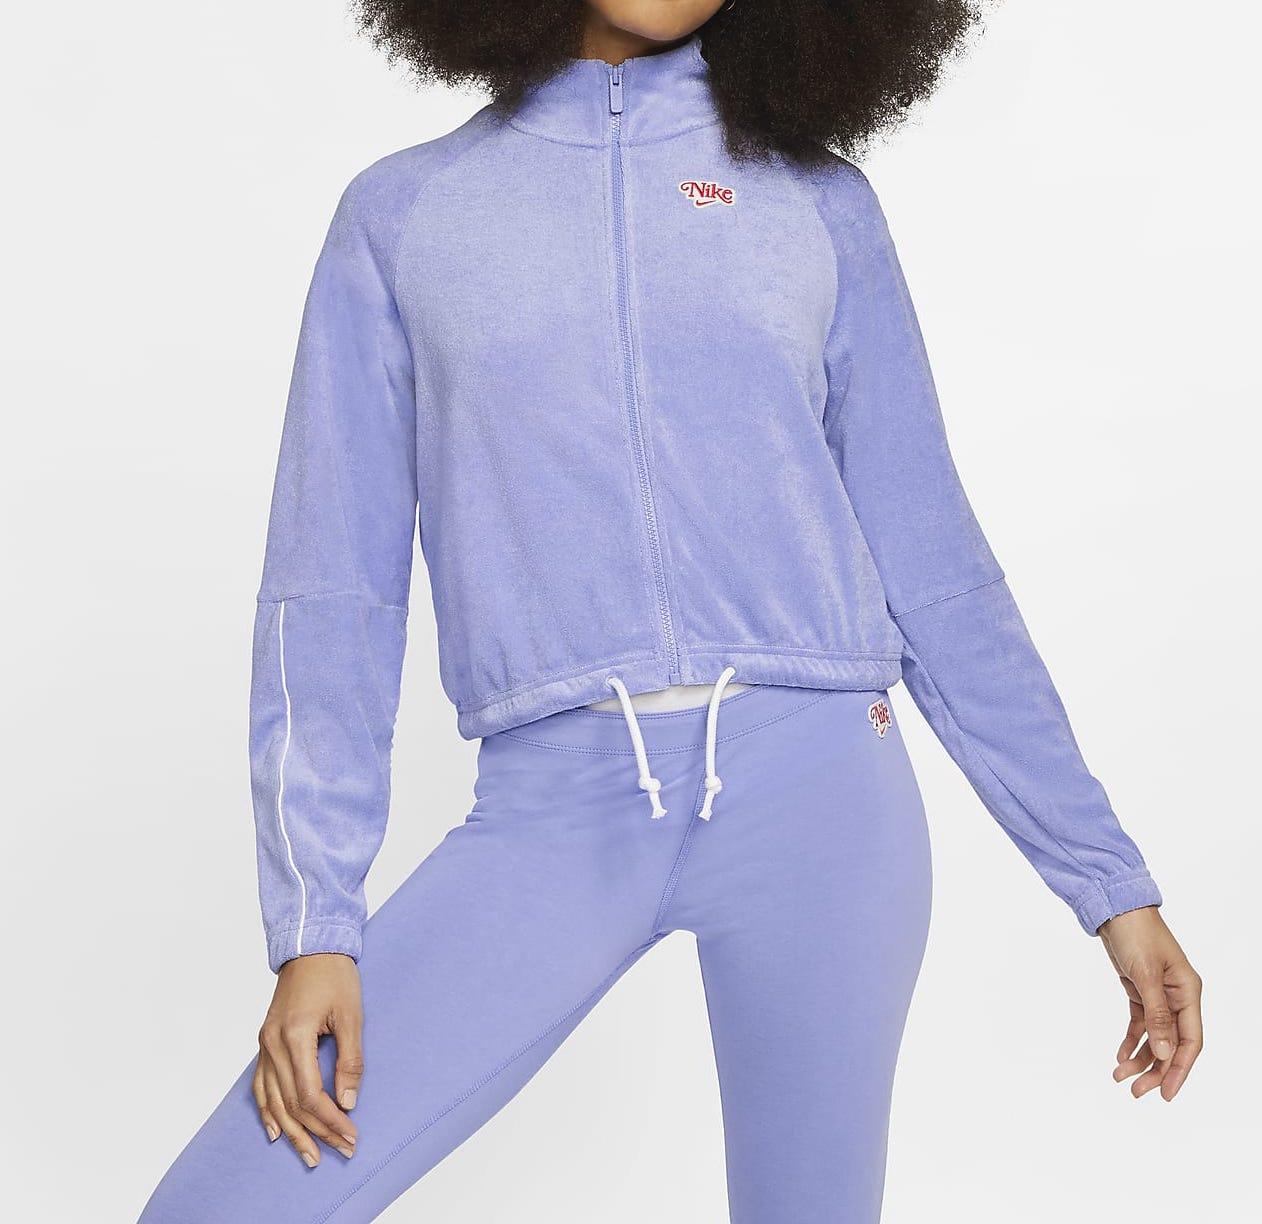 Nike Sportswear Zip Top Purple